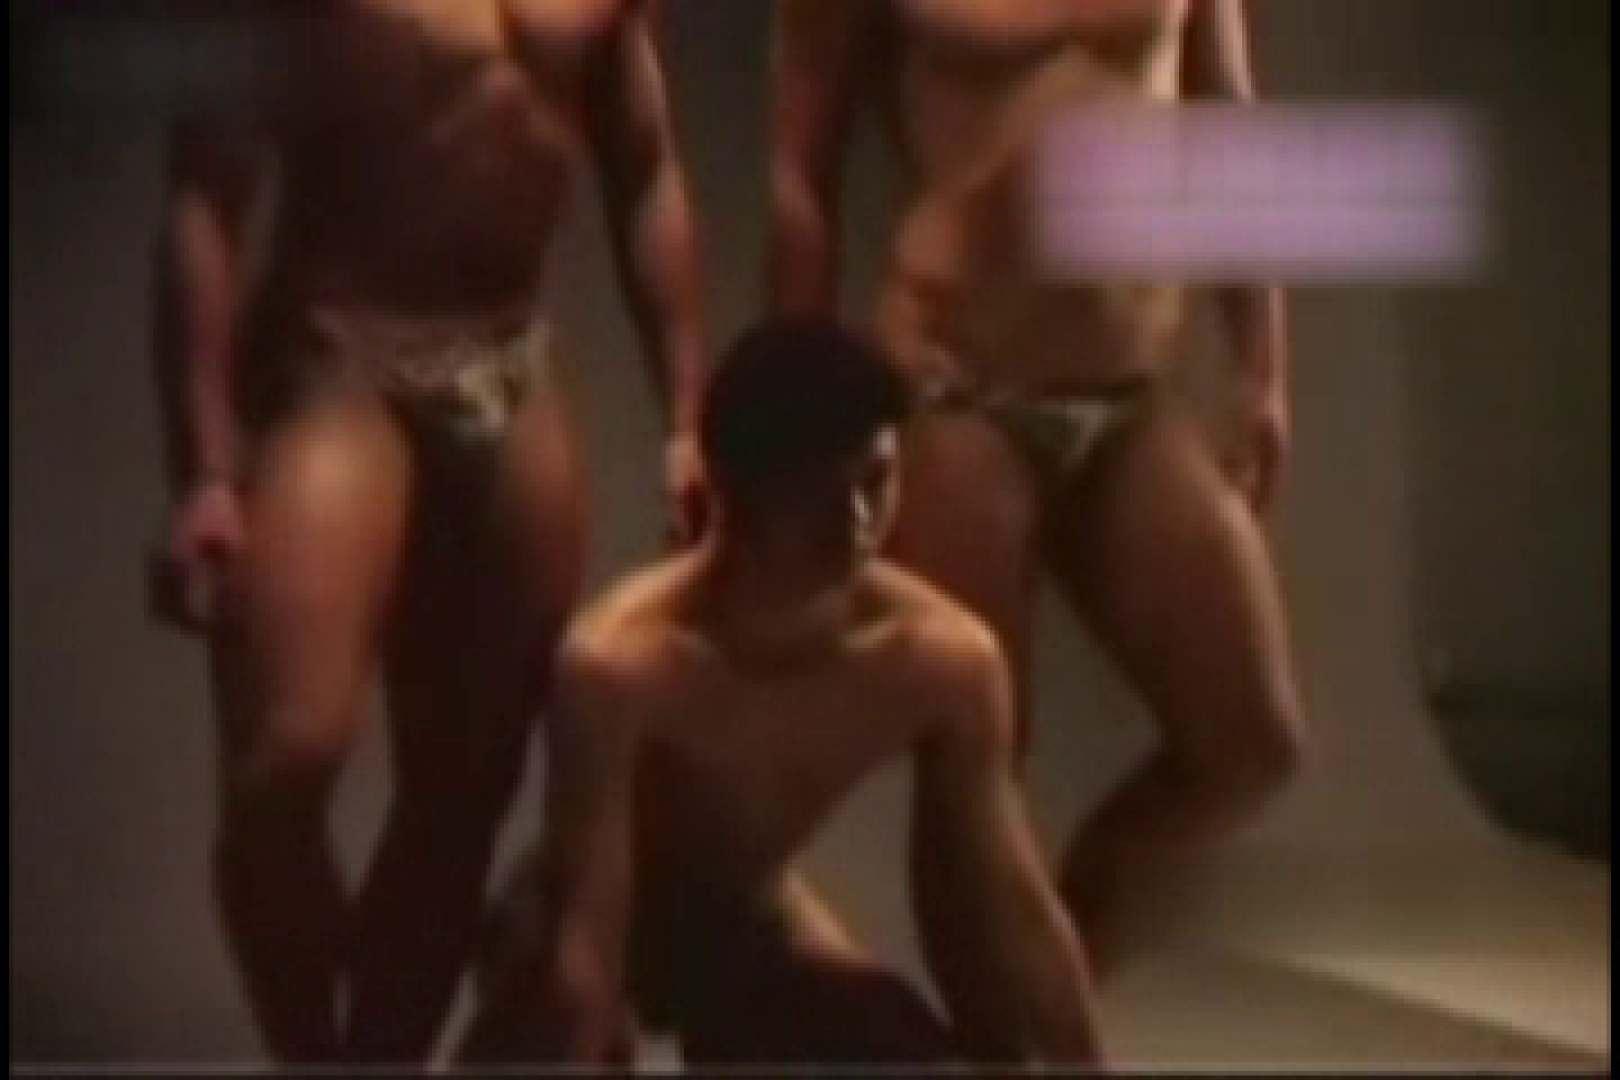 中出有名ゲイ雑誌★魅力●生★付録DVD収録スーパーモデルヌードvol4 ヌード ゲイエロビデオ画像 90pic 32